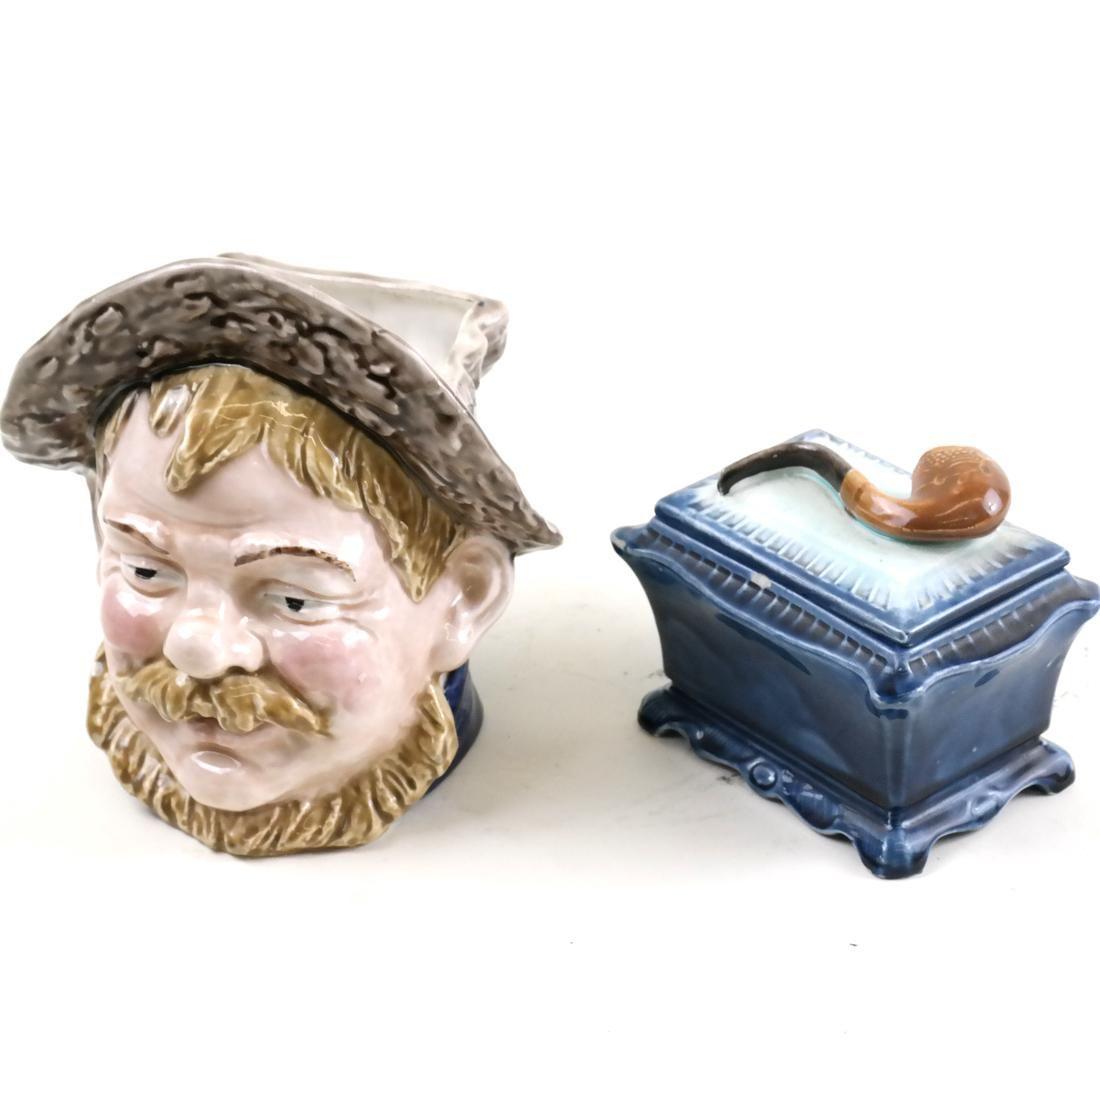 English Toby Mug and Pipe Motif Box